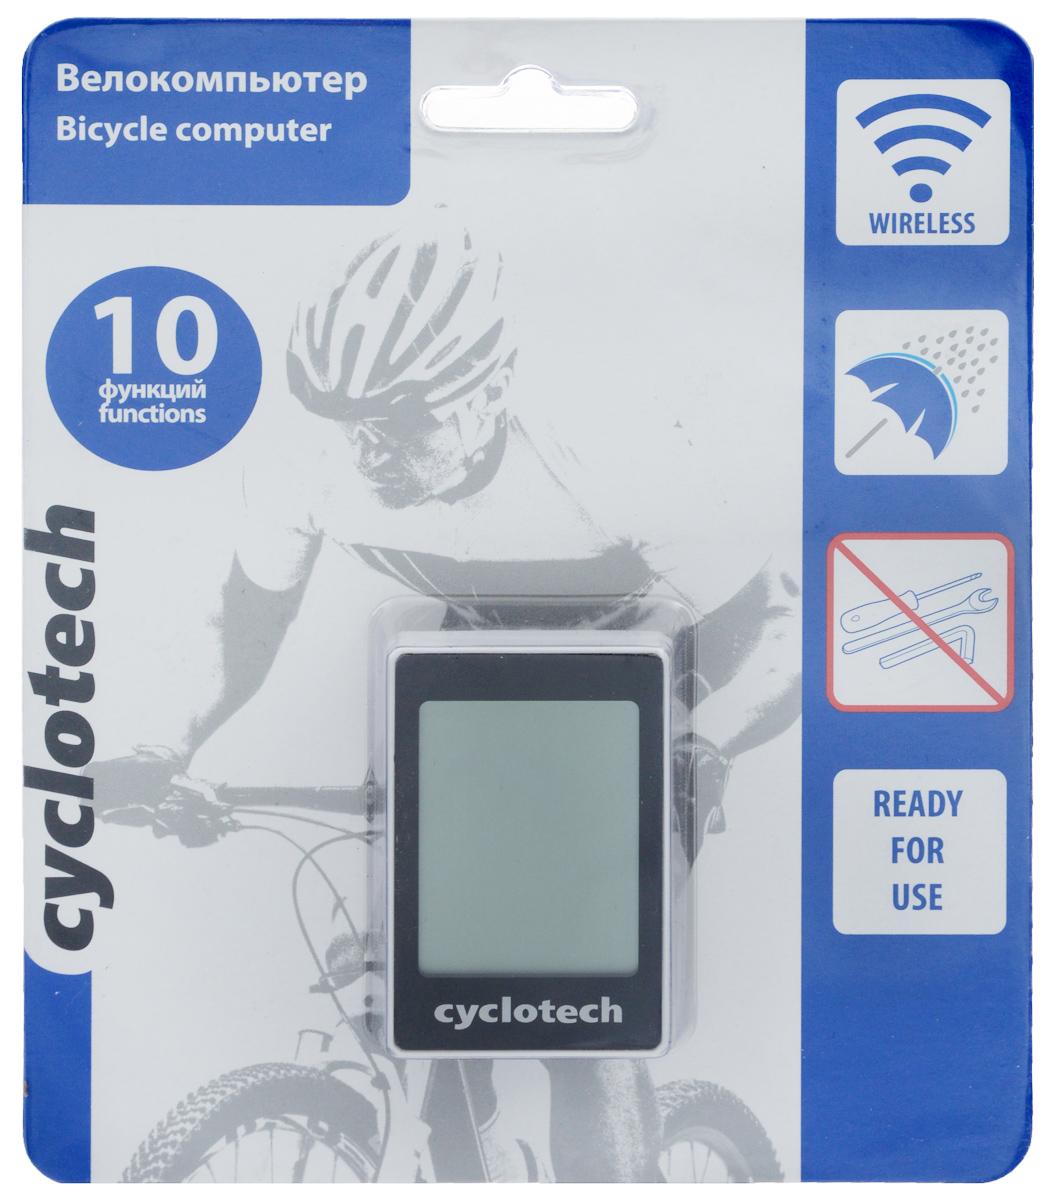 Велокомпьютер Cyclotech, 10 функцийC014Беспроводной велокомпьютер Cyclotech оснащен 10 функциями и предназначен для использования при занятиях велоспортом. Это удобный и простой в использовании электронный прибор, предоставляющий велосипедисту всю необходимую информацию о поездке. Велокомпьютер крепится на руле с возможностью мгновенно отсоединить его, когда нет желания оставлять на велосипеде без присмотра или под дождем. Функции: сравнение скоростей; индикатор низкой зарядки батарей; режим сканирования; память на два велосипеда; автоматическое выключение; часы; режим энергосбережения; время текущей поездки; расчет экономии СО2.